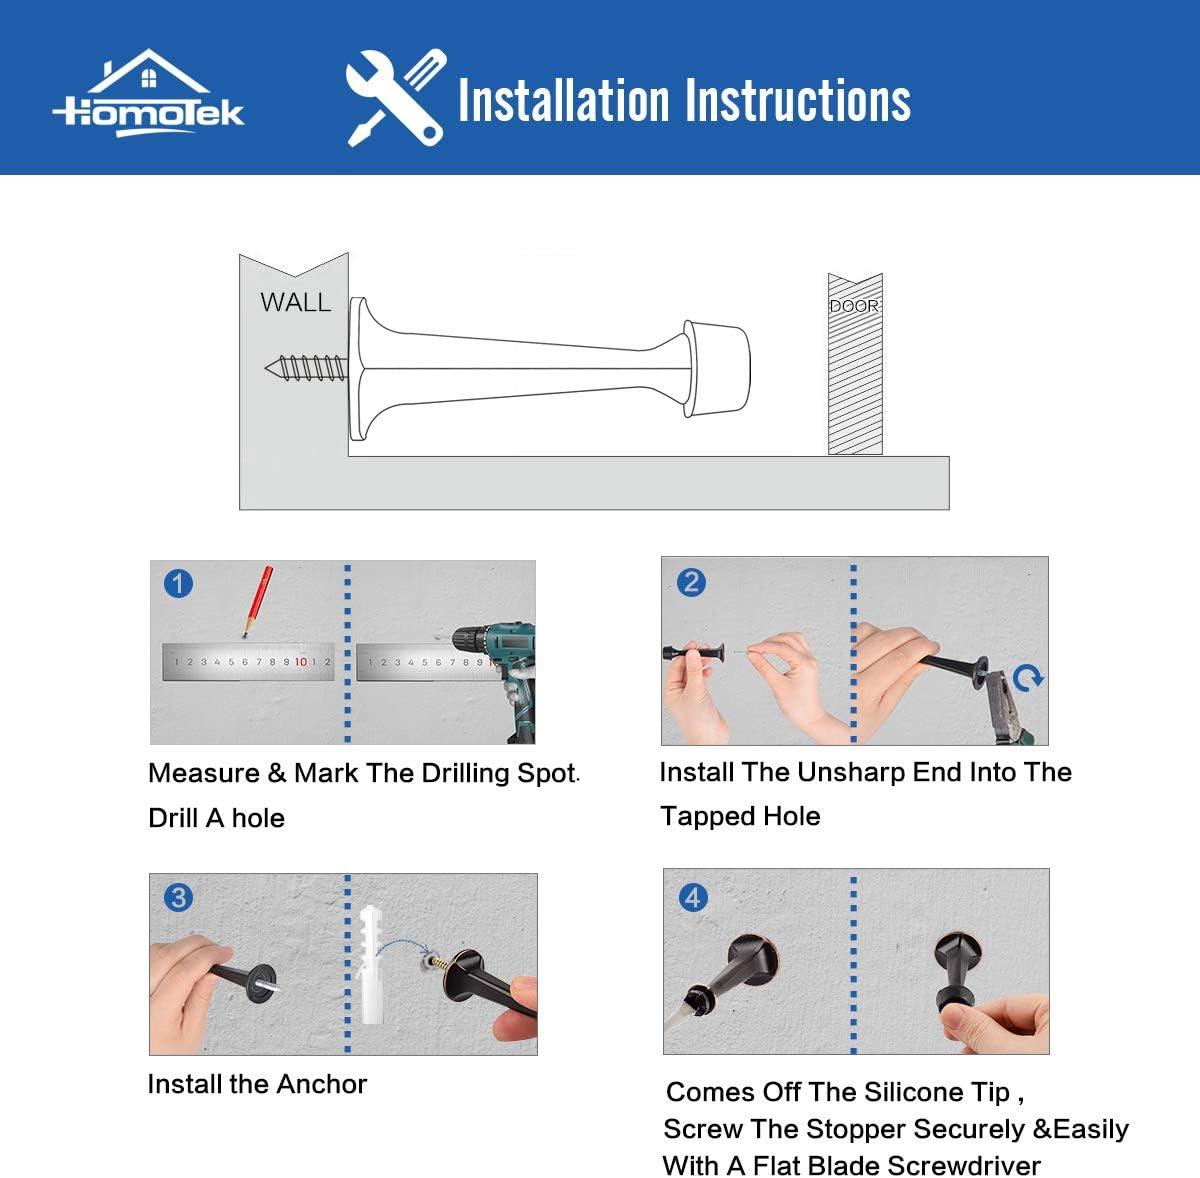 HOMOTEK 8 Pack Heavy Duty Solid Rigid Door Stop with Soft Rubber Tip, Zinc Die Cast Door Stopper Protect Wall & Door , White: Home Improvement